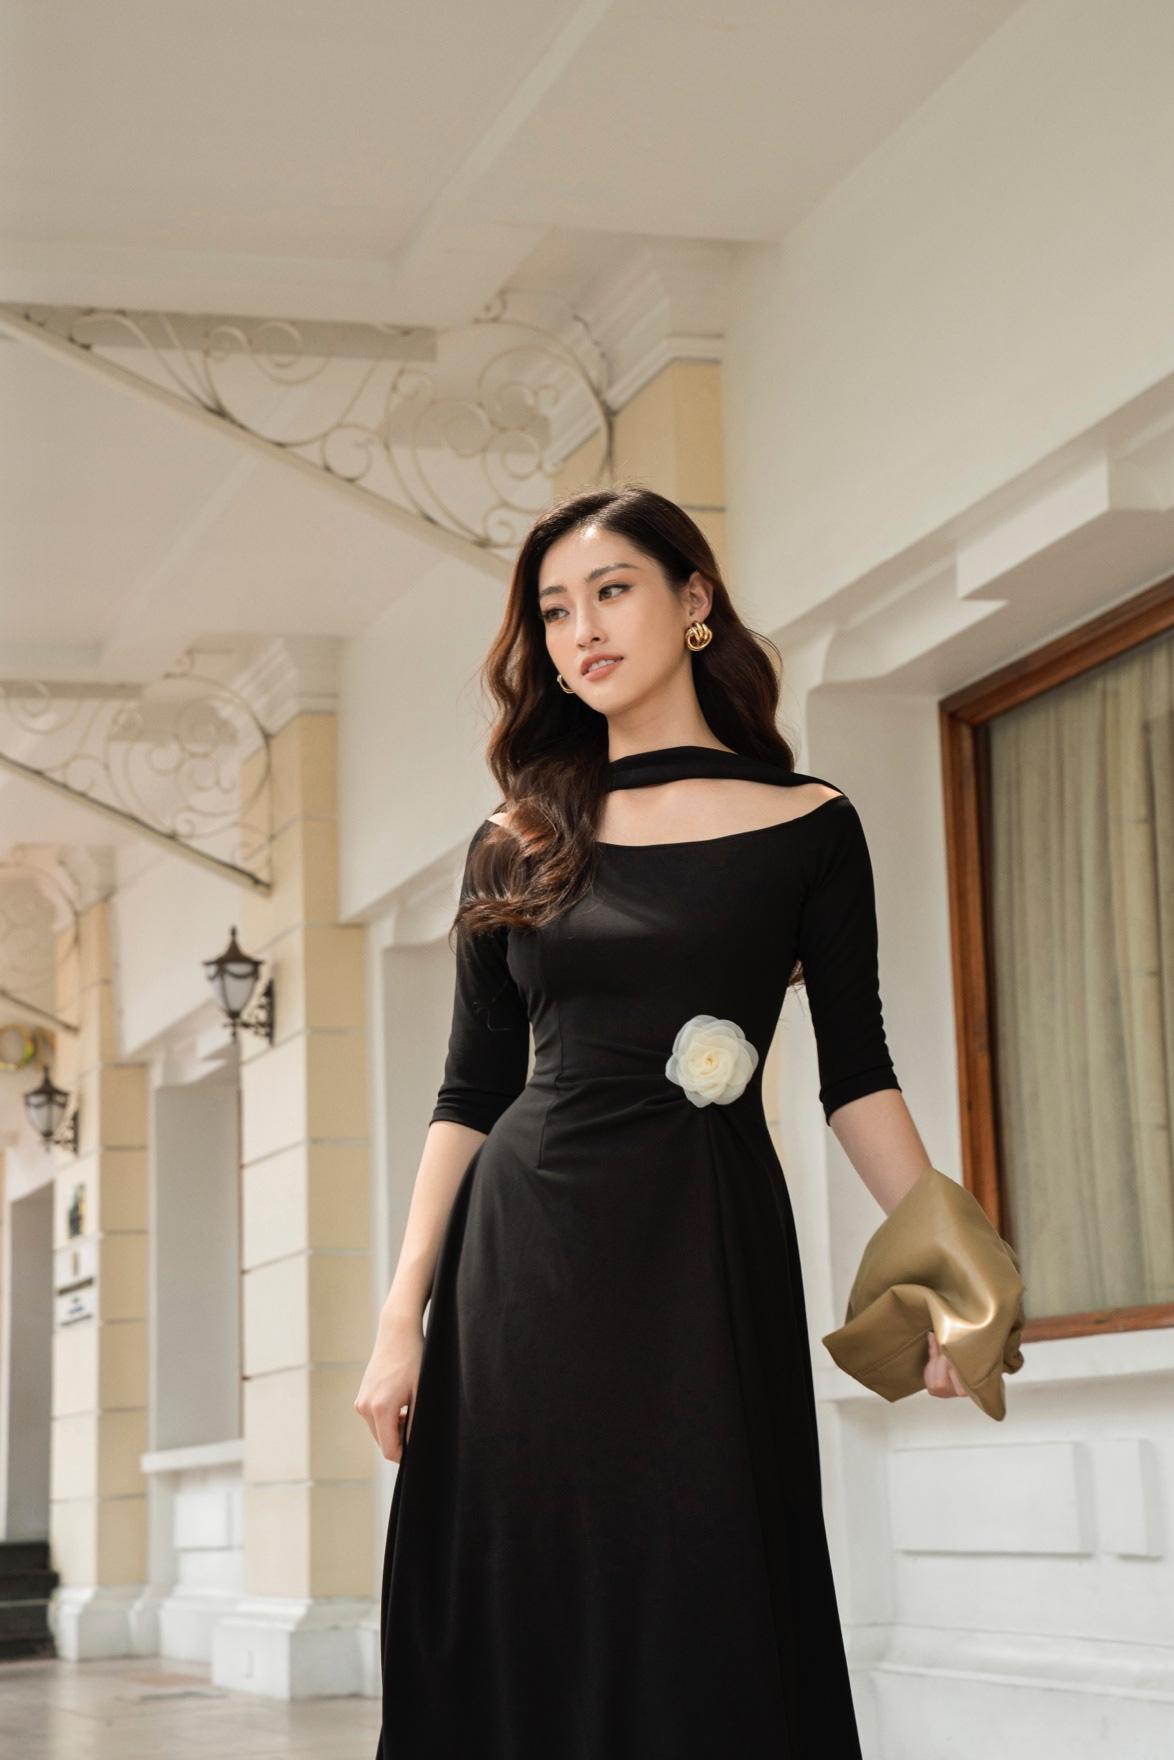 Tỏa sáng tiệc cuối năm, hội chị em nên học ngay bí kíp dress up của Hoa hậu Lương Thùy Linh - Ảnh 2.